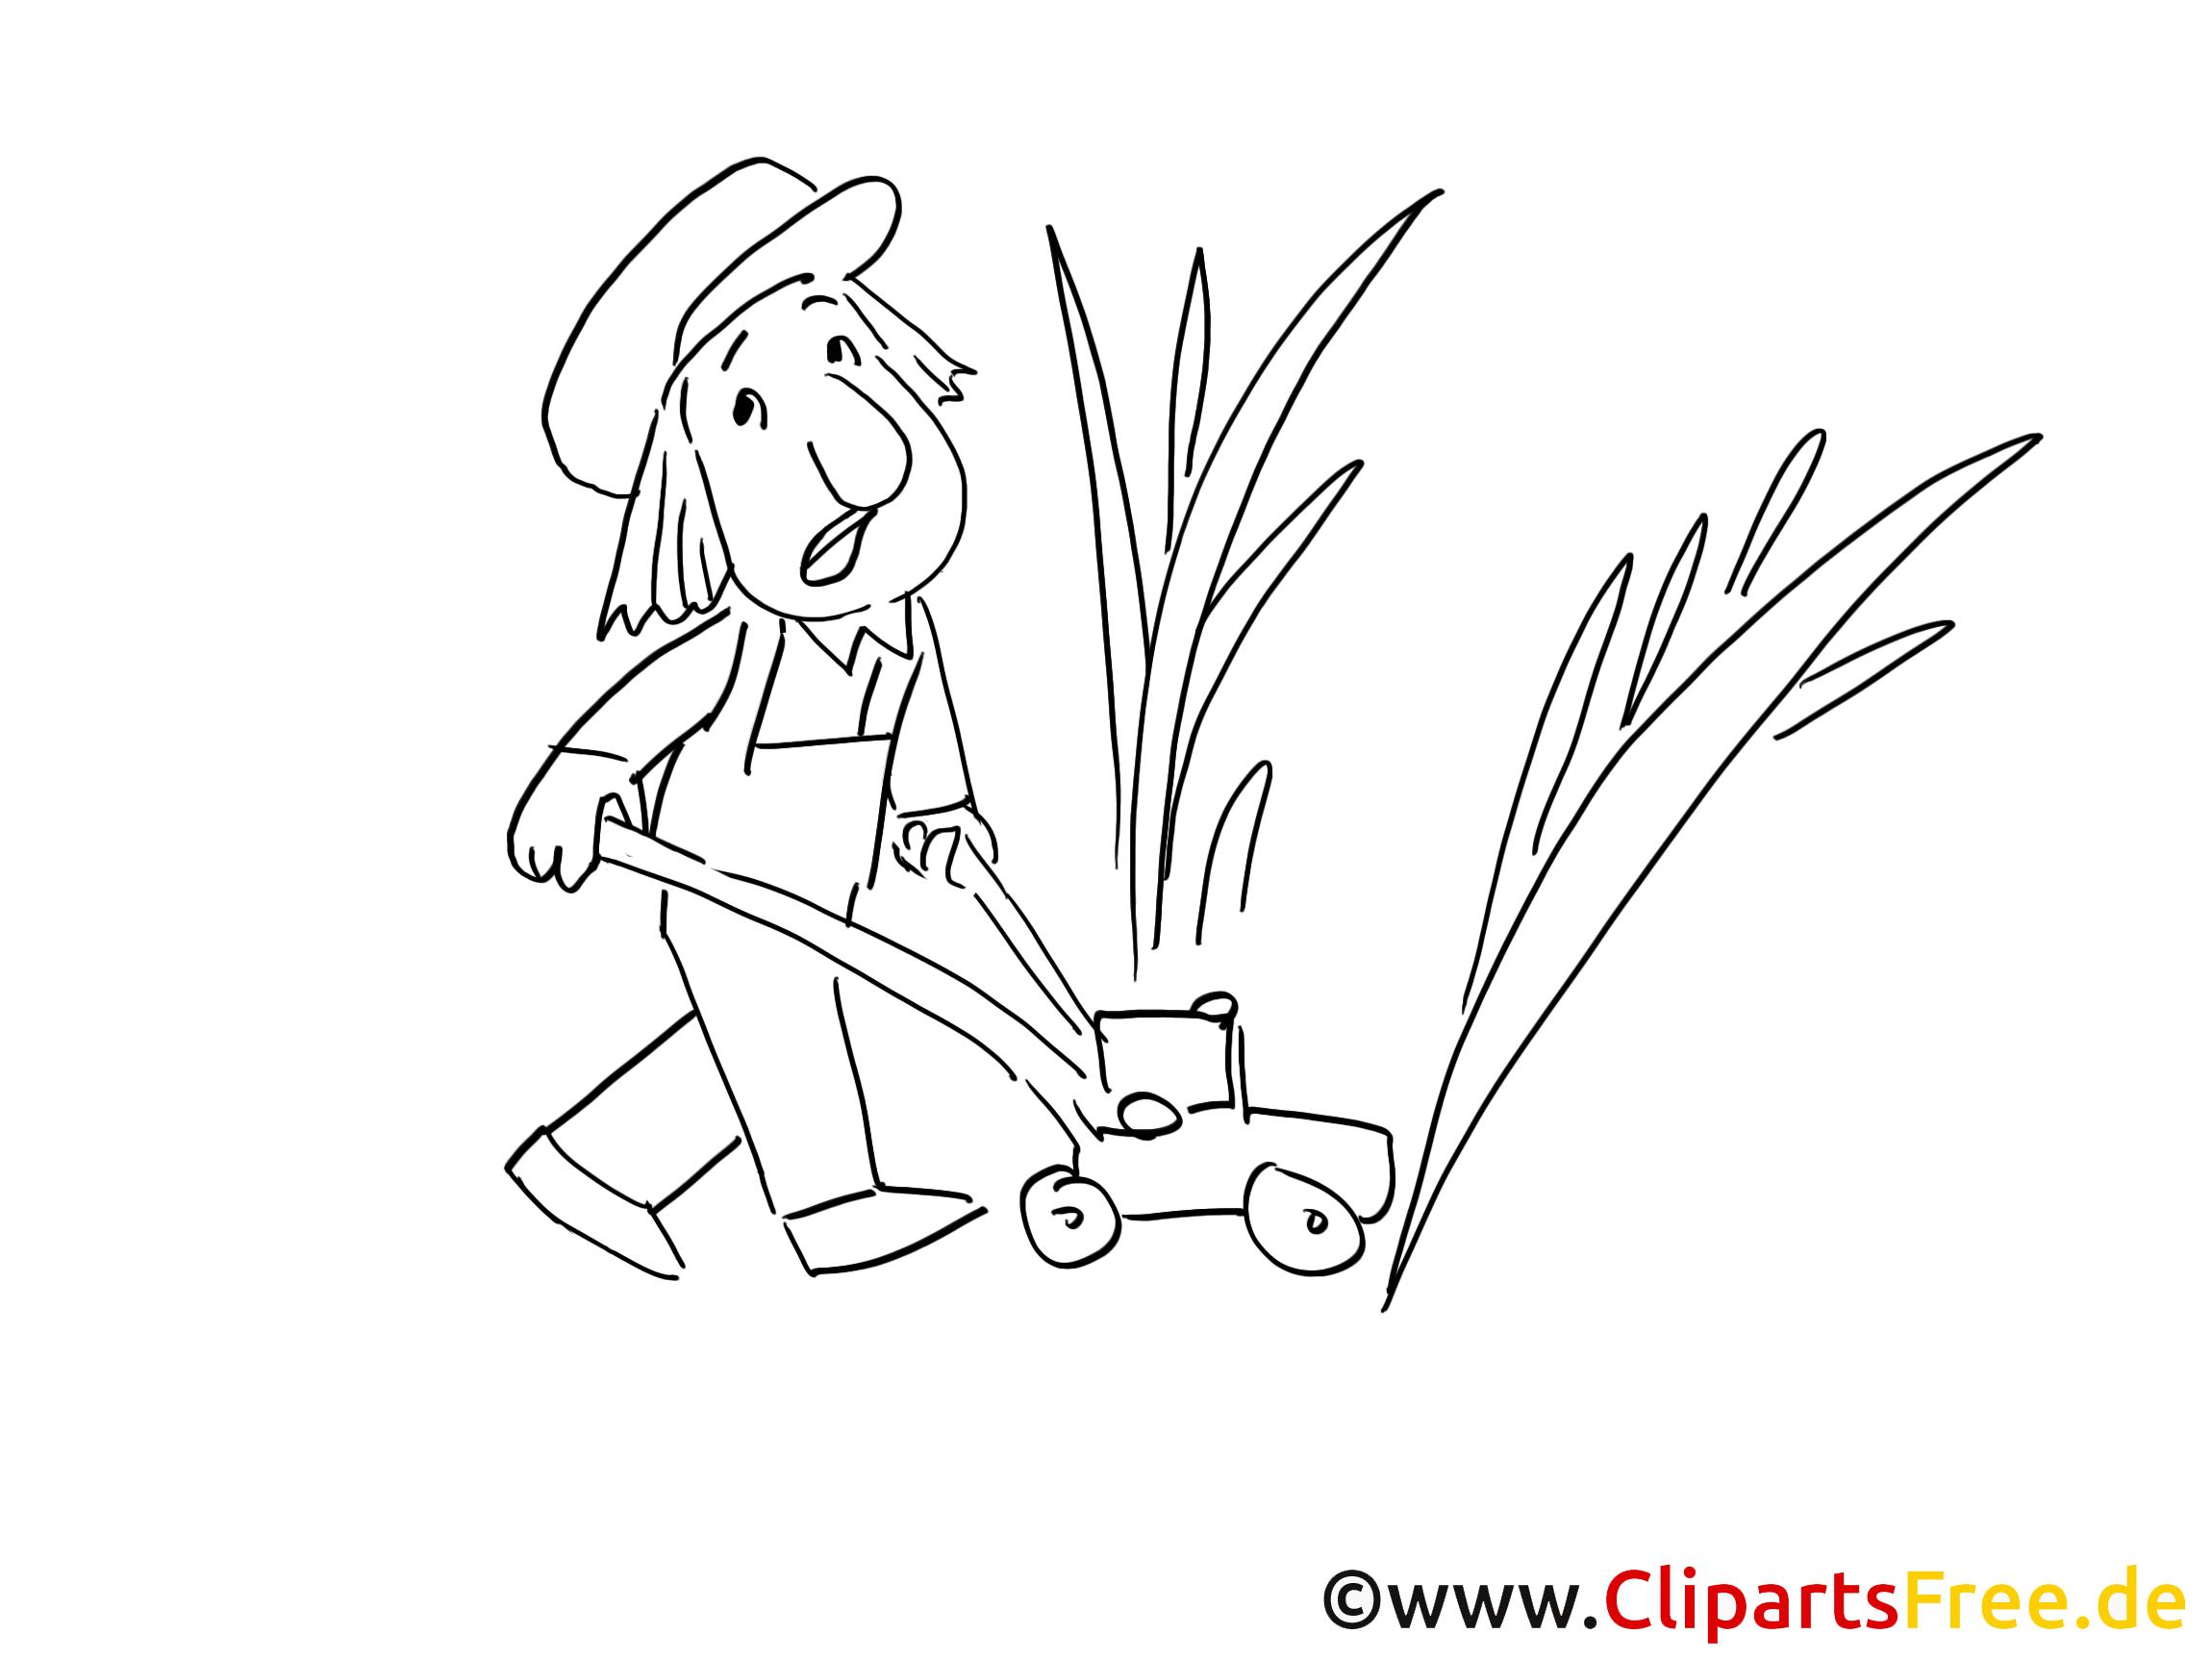 Rasen mähen Ausmalbild zum Drucken und Ausmalen